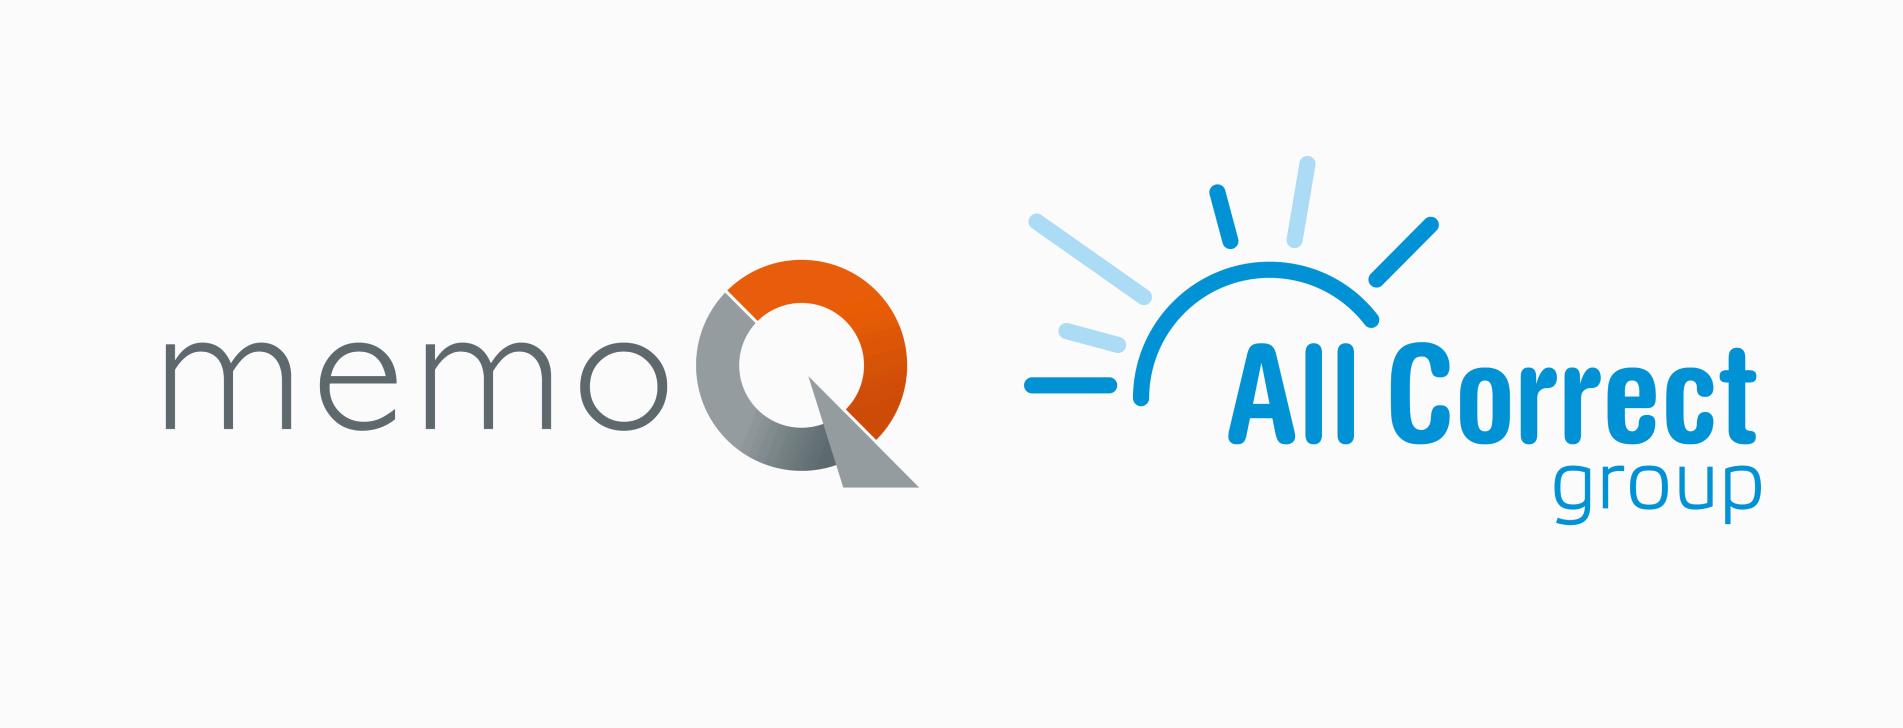 Обучающее видео и час консультации при покупке memoQ